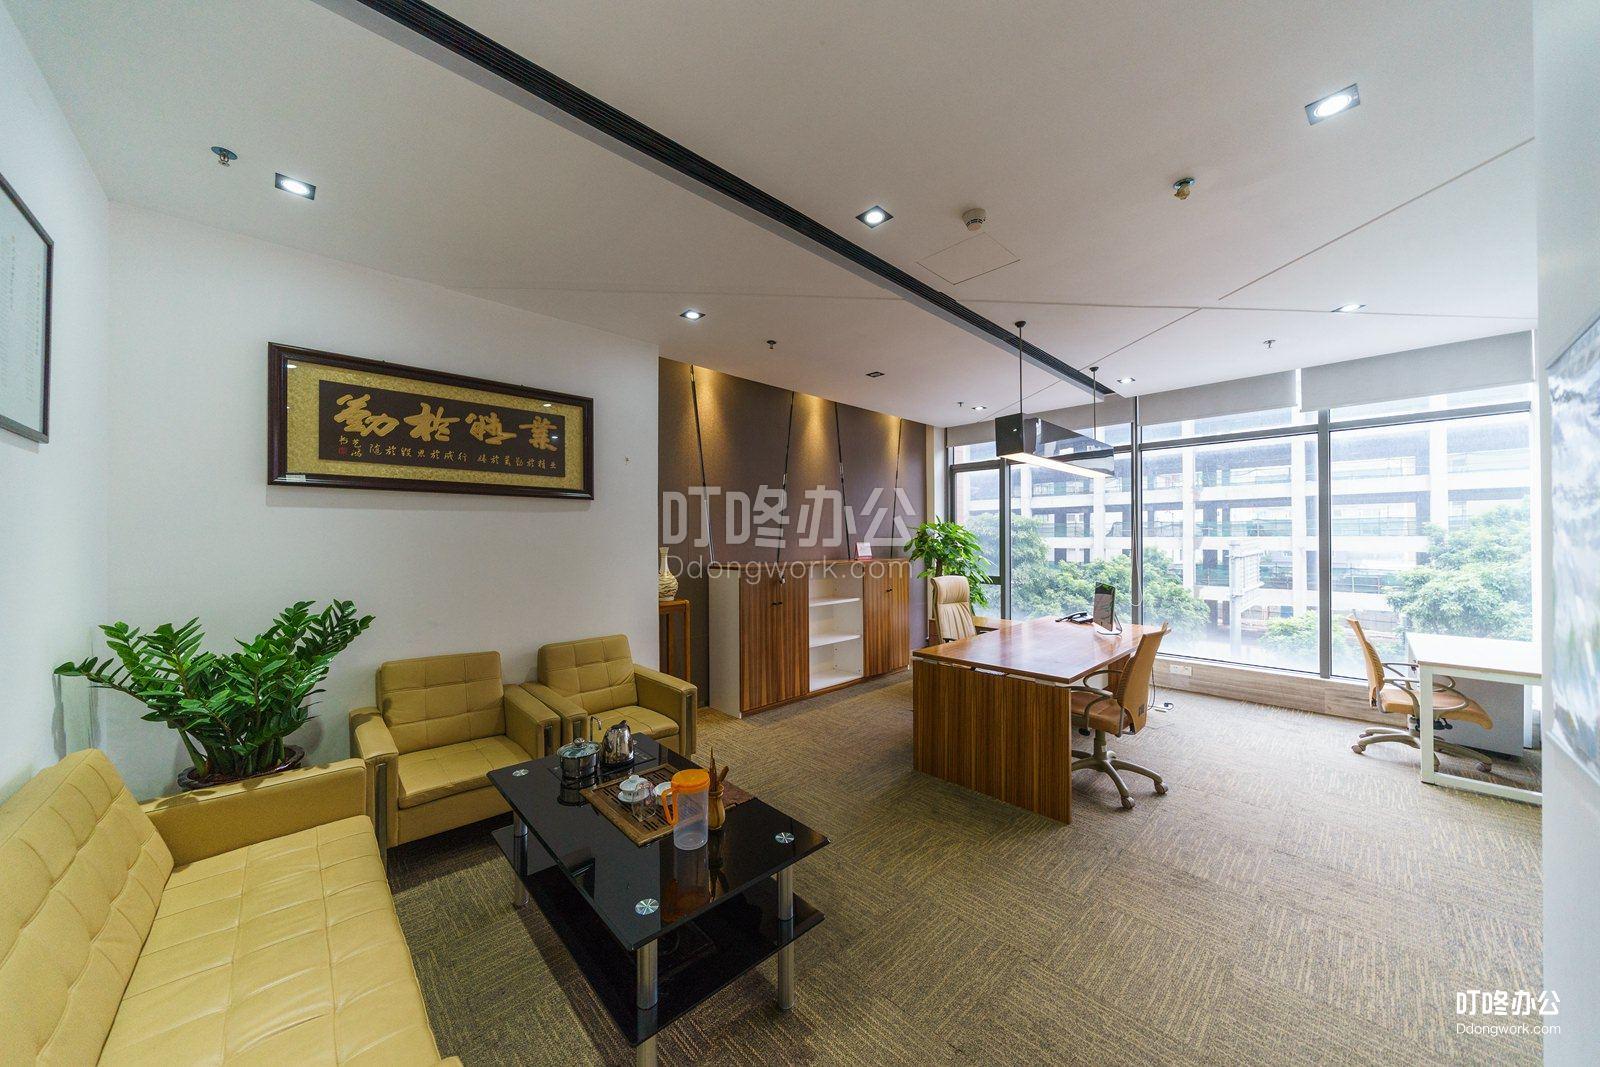 德冠廷服务式办公室「AirS&S」独立空间